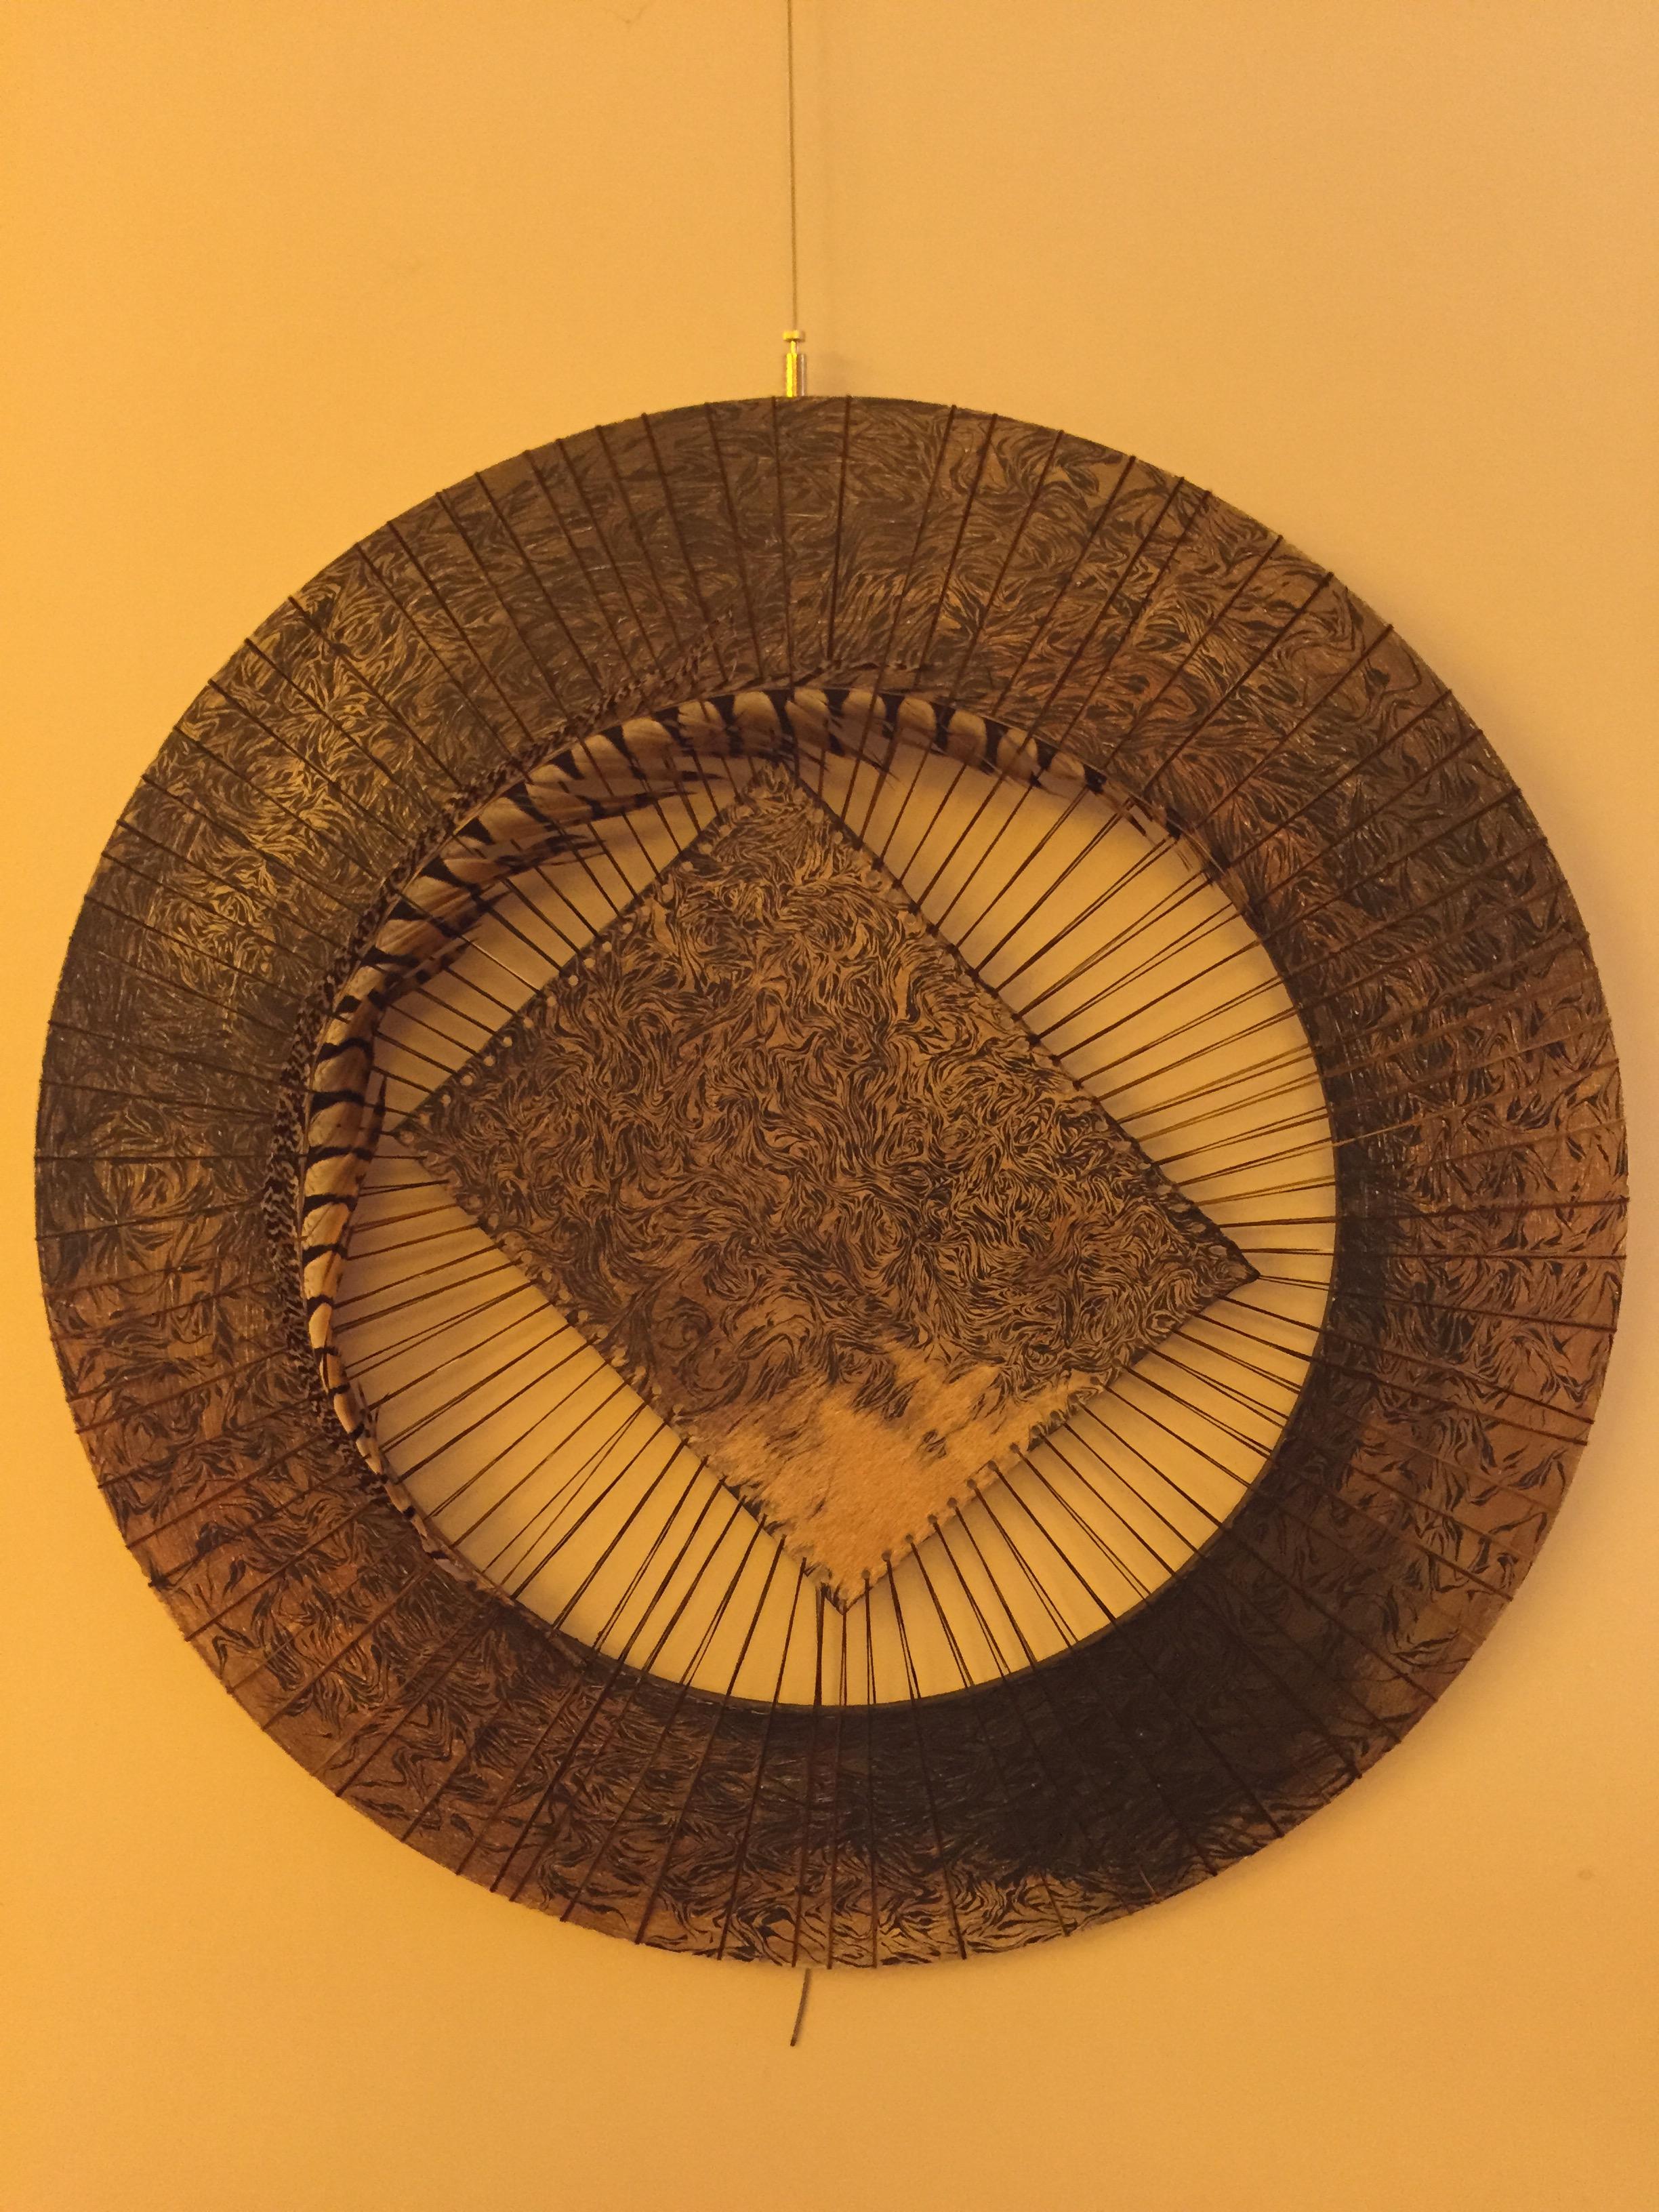 nathalie bergiers artworks 2014 @ hugo neumann brussels 18